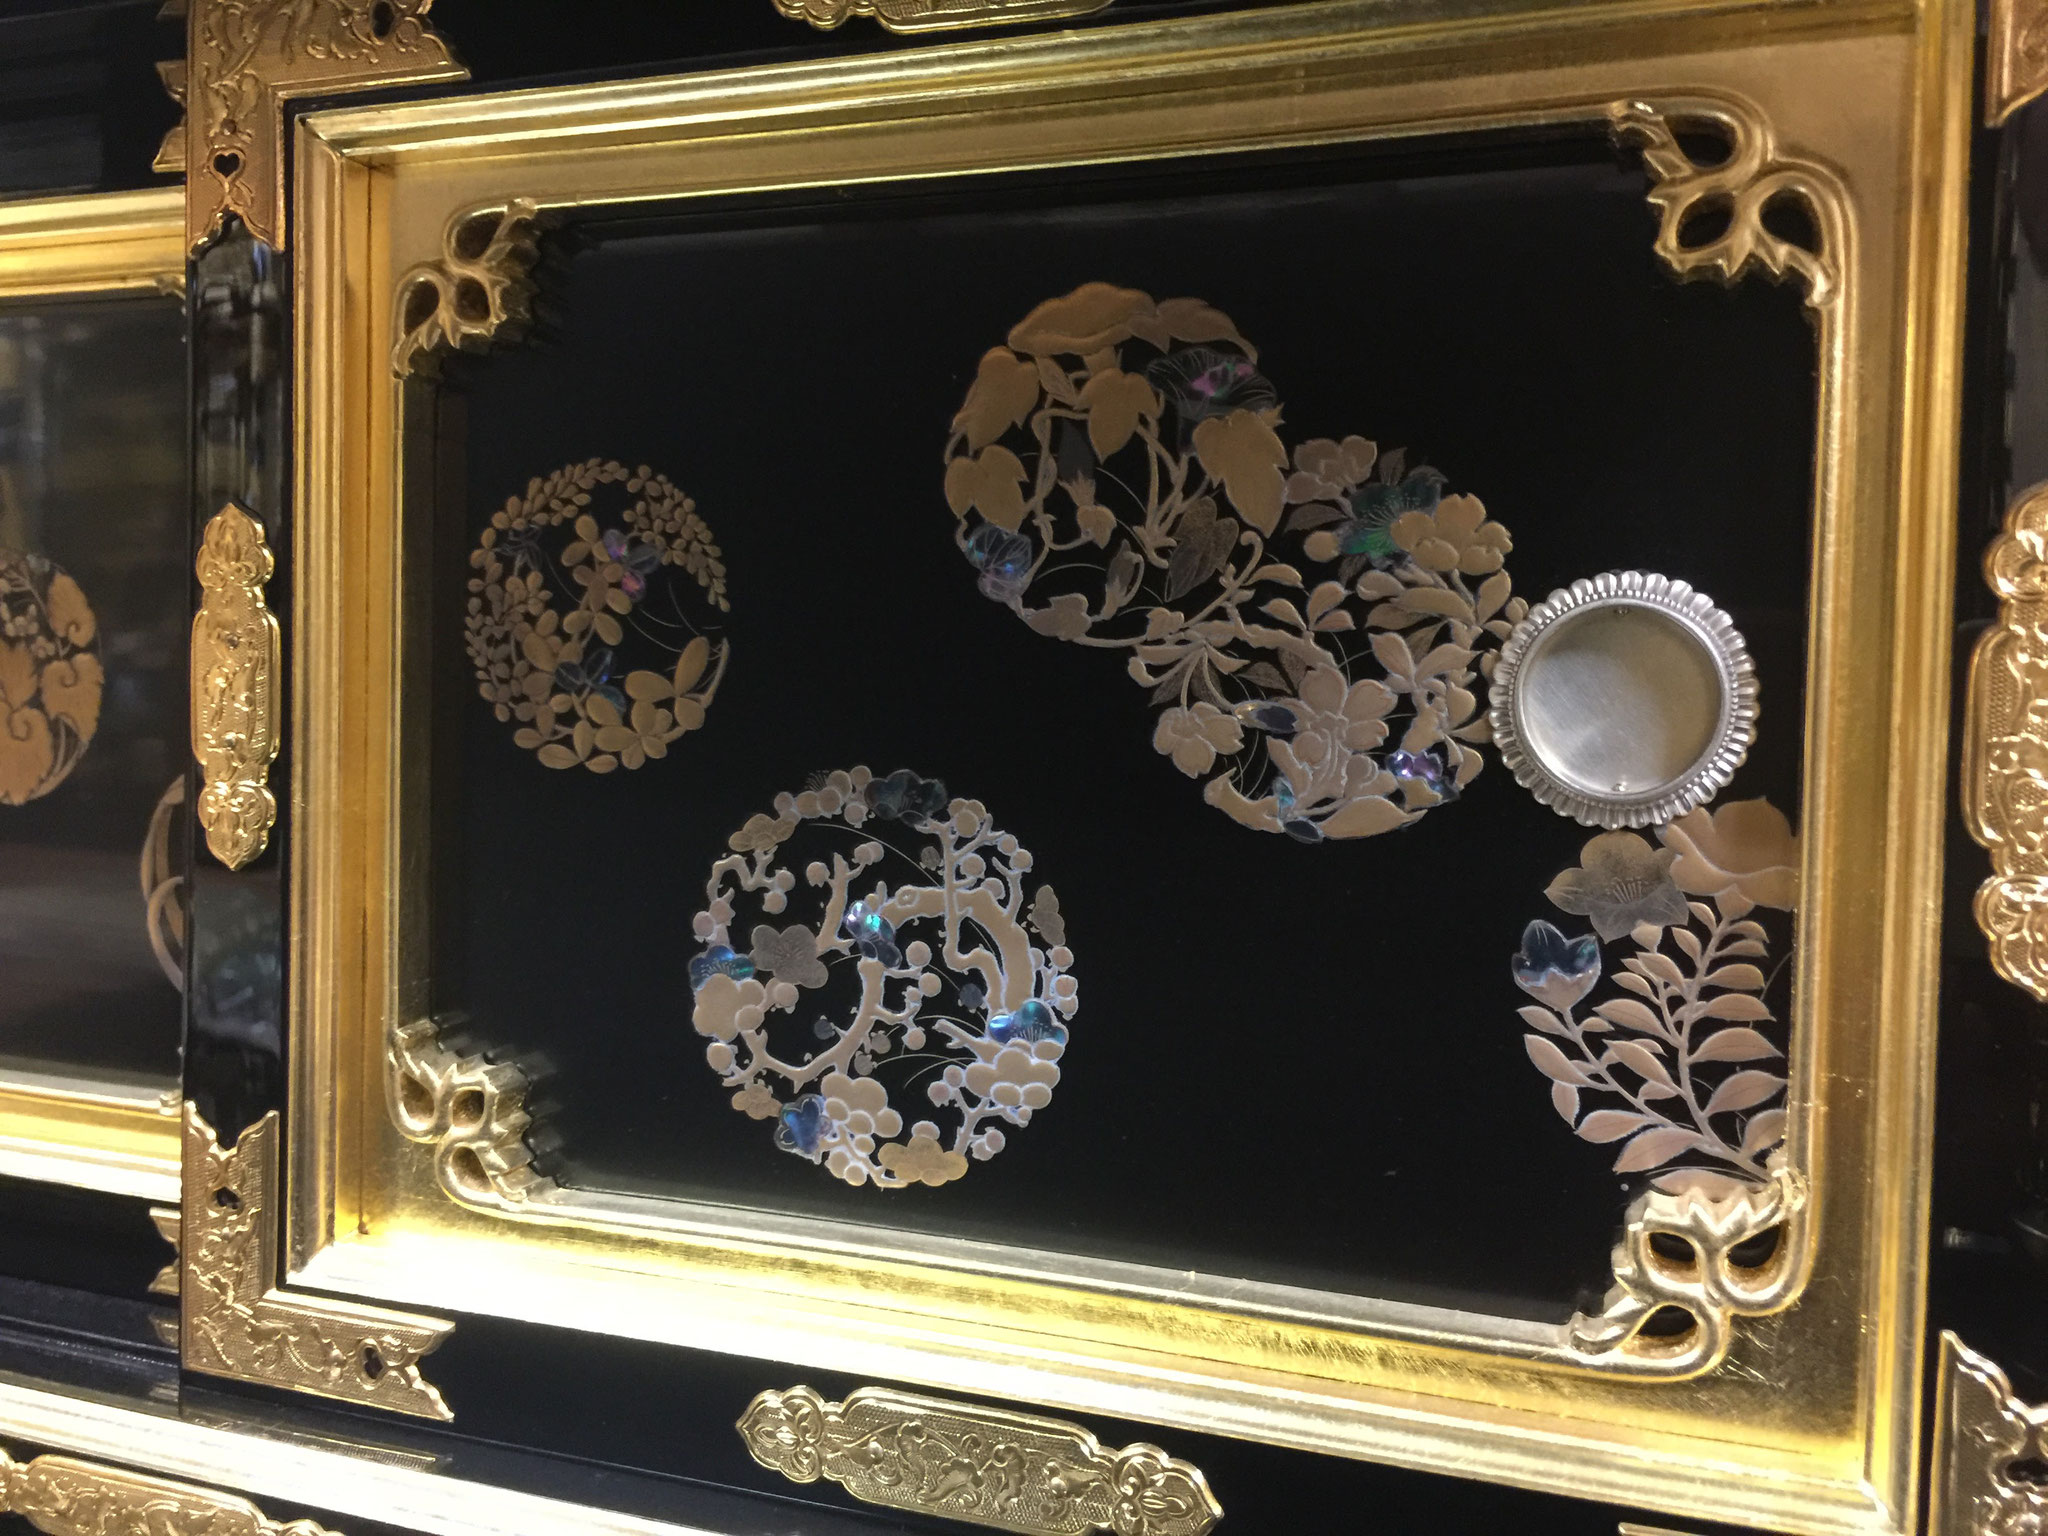 図柄は花圓で、螺鈿を使った研ぎ出し蒔絵